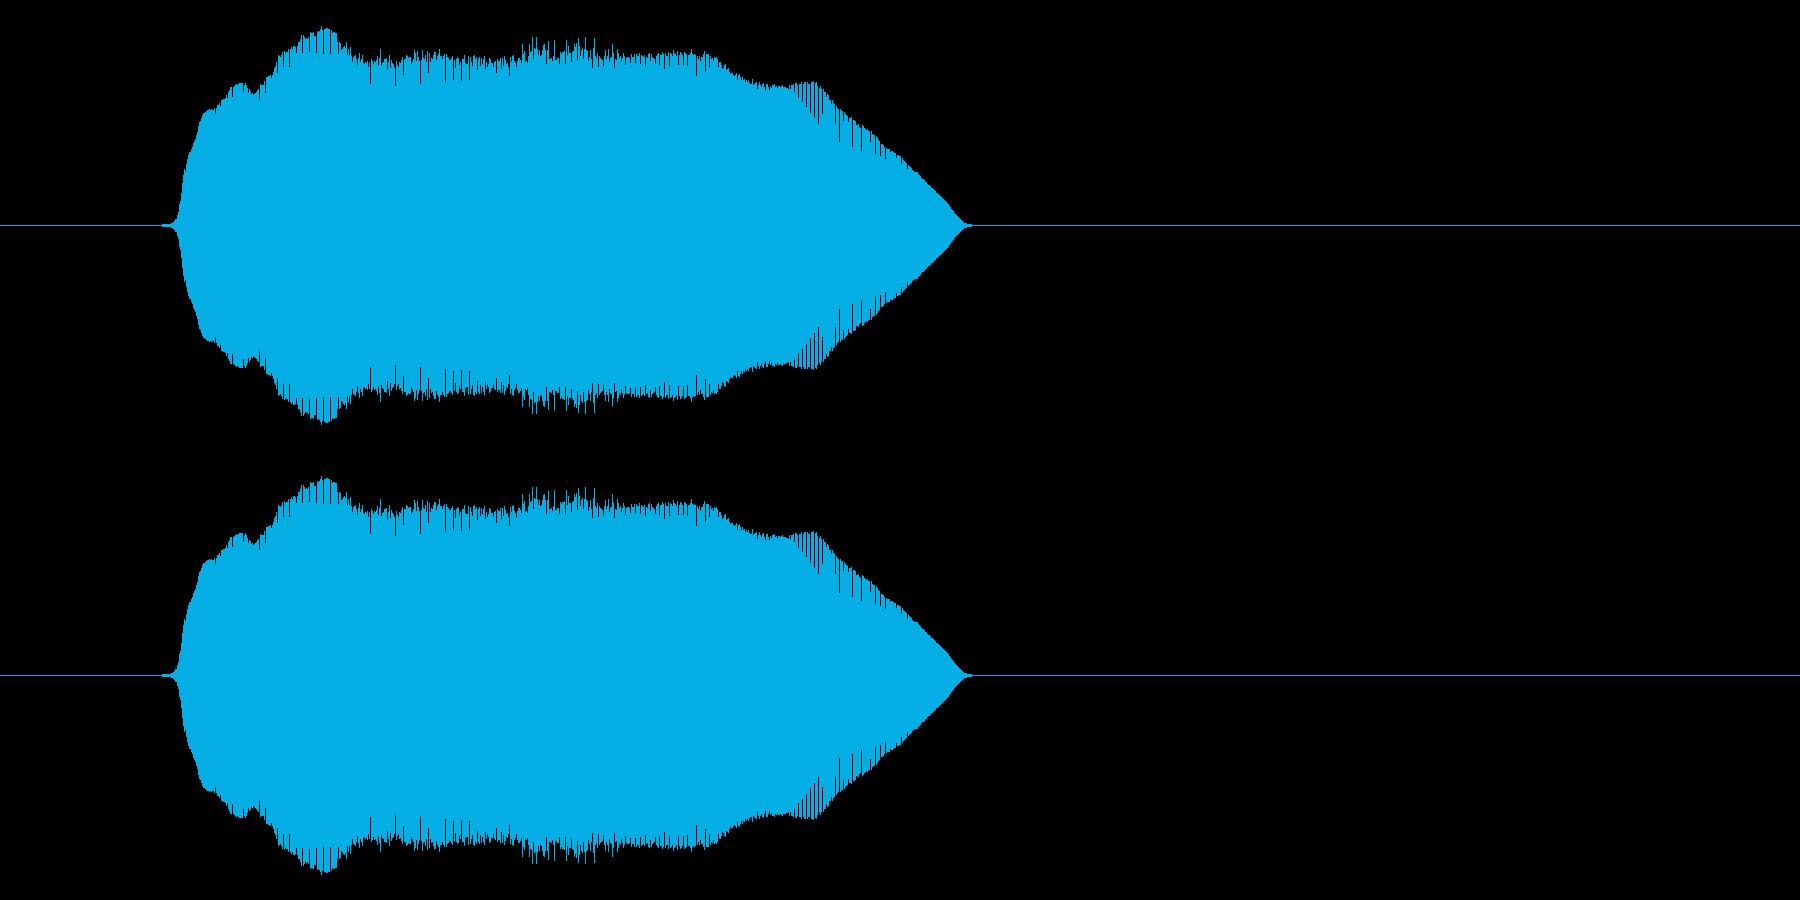 (猫の鳴き声2)の再生済みの波形